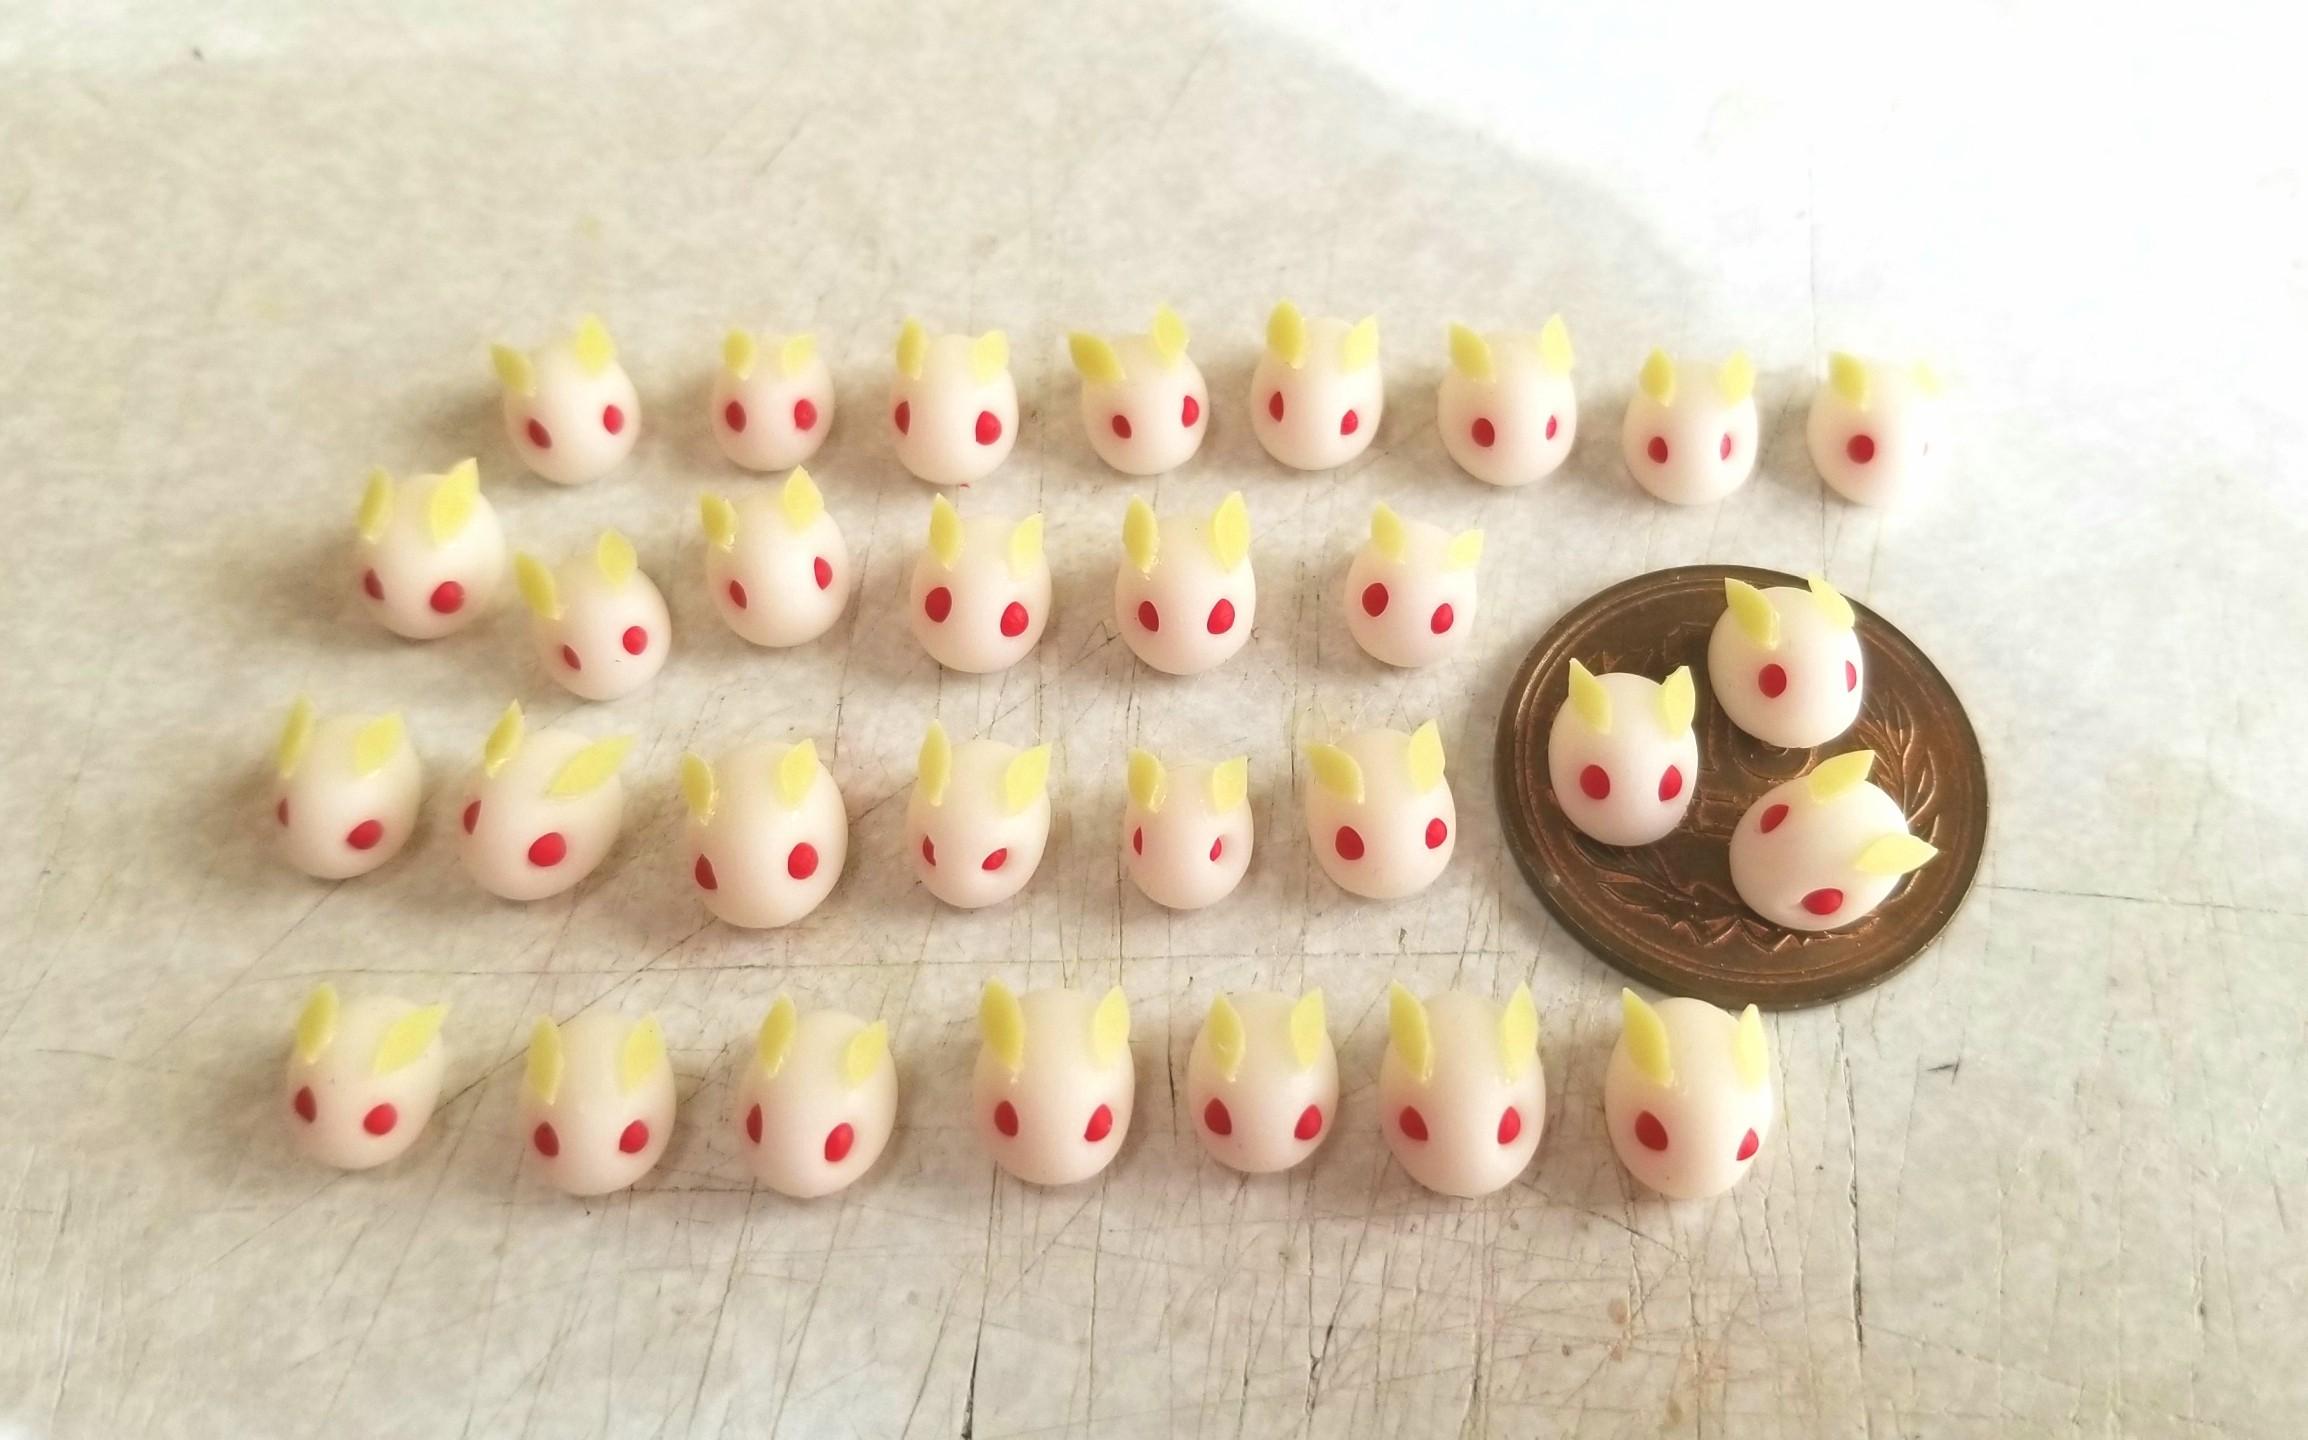 ミニチュア,和菓子,うさぎ饅頭,リカちゃん人形,バービー人形